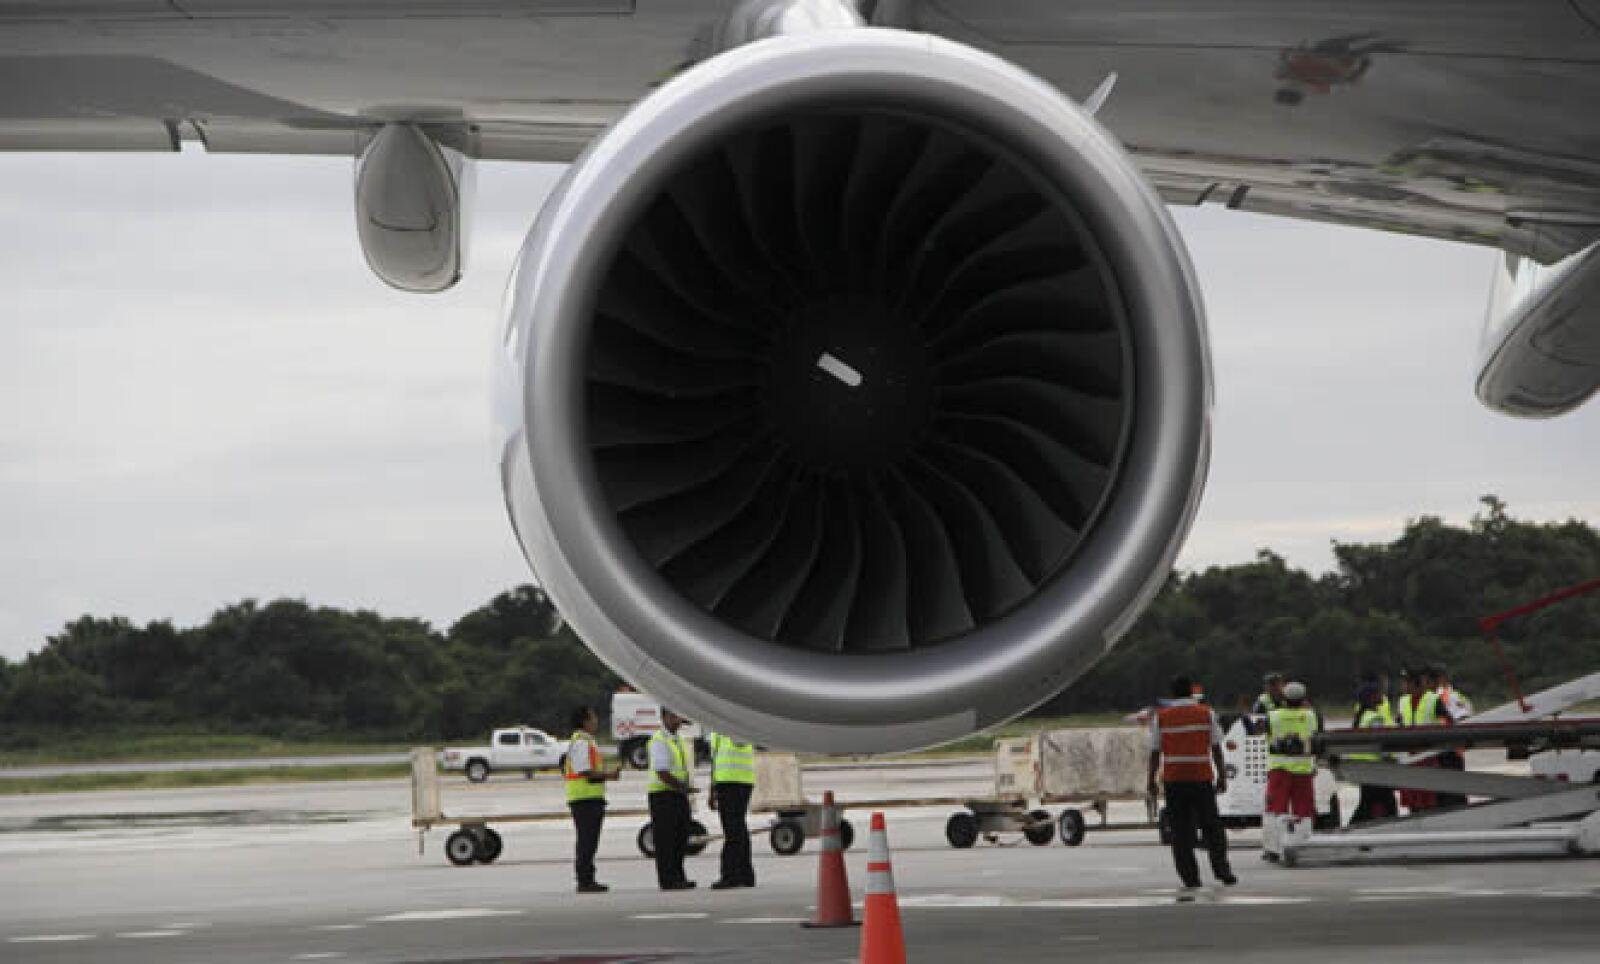 El Aeropuerto Internacional de Cancún recibió este jueves al Air France 380, el avión más grande del mundo.